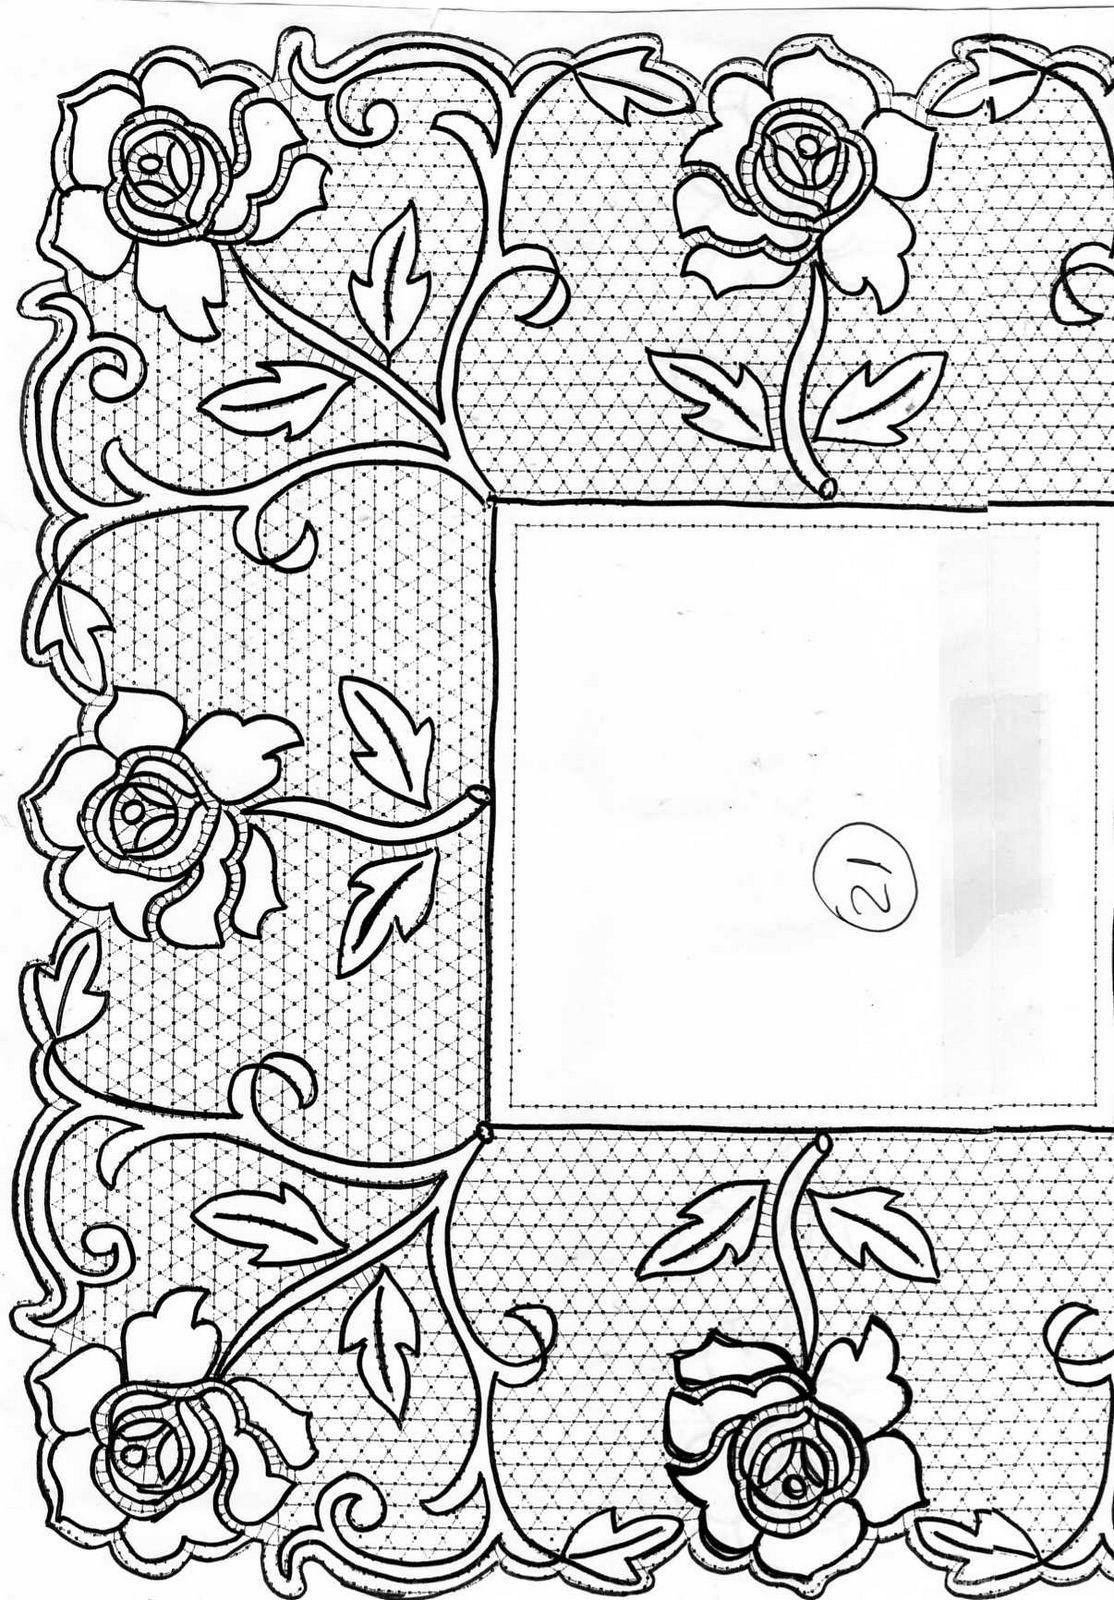 Pañuelo de tul | bolillos | Pinterest | Tul, Bolos y Bordado